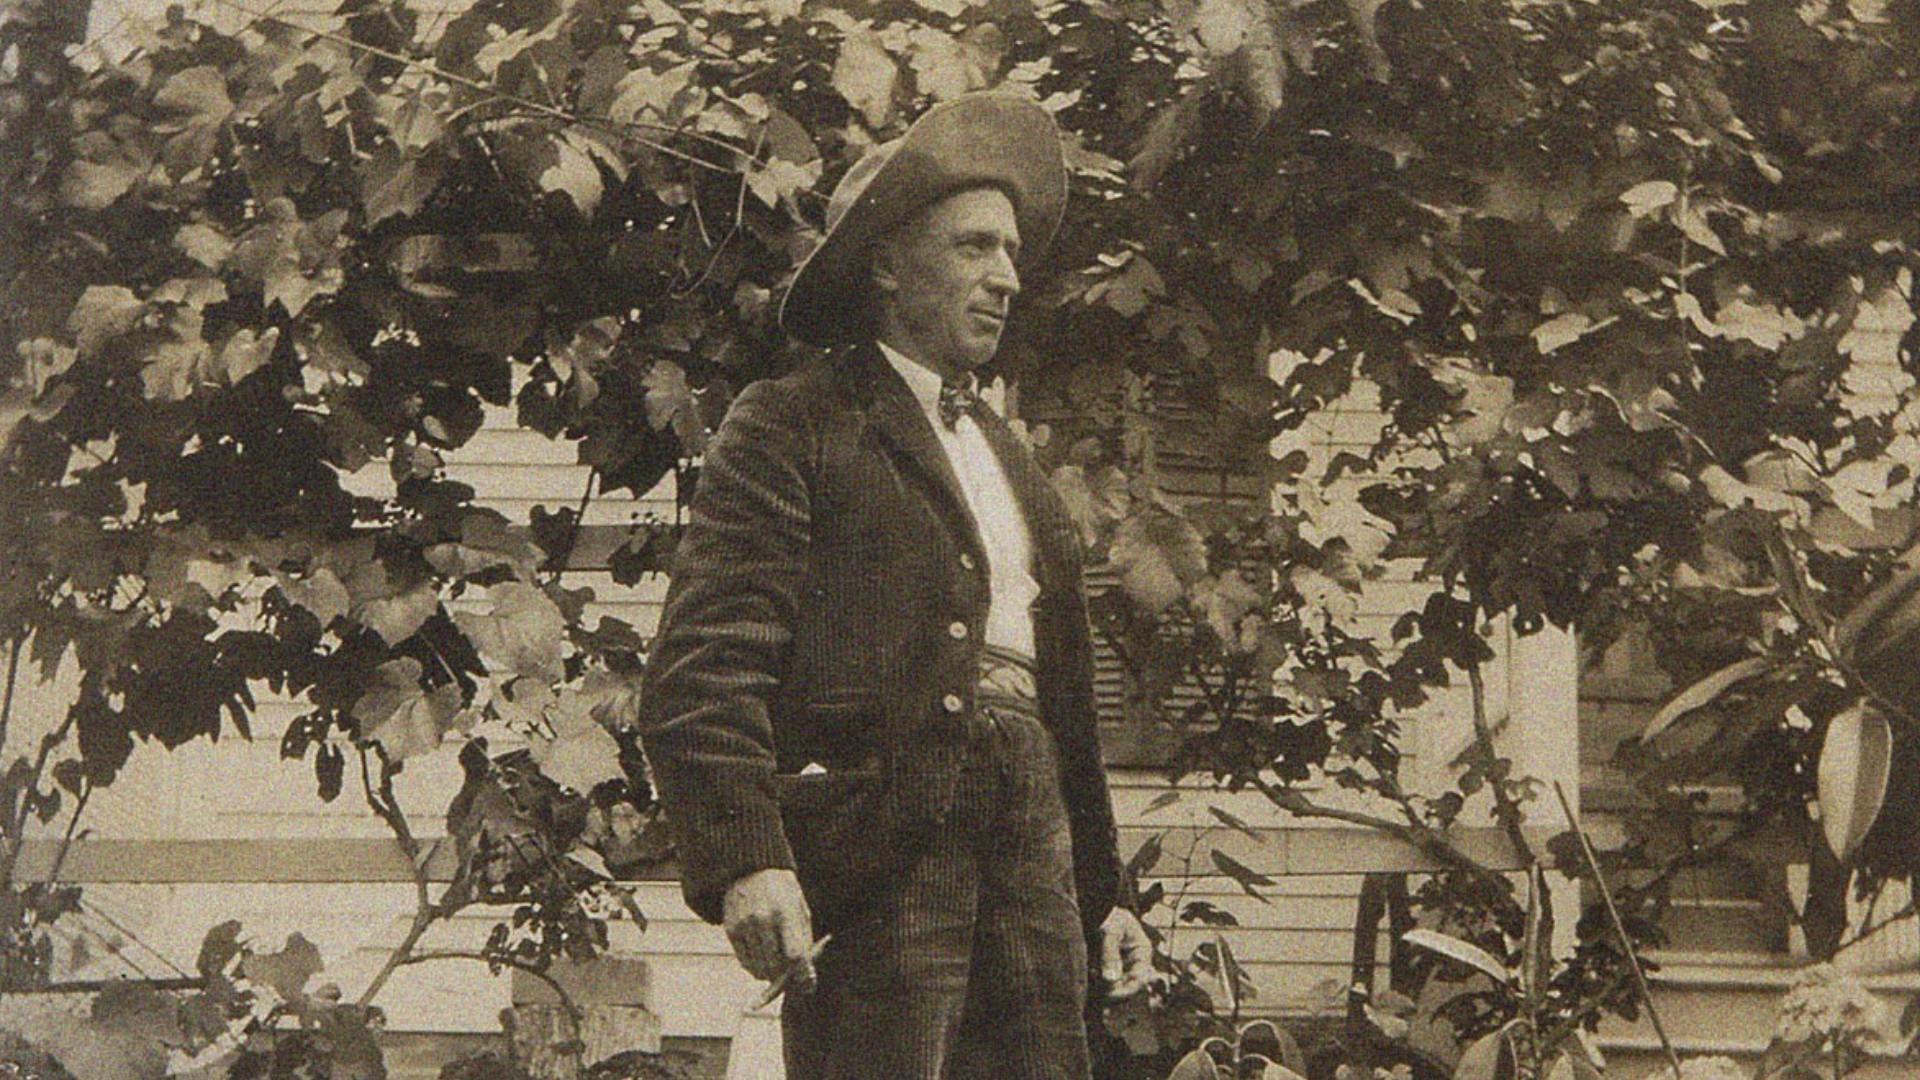 Charles F. Lummis, un yanqui tras la huella de los conquistadores y los misioneros españoles